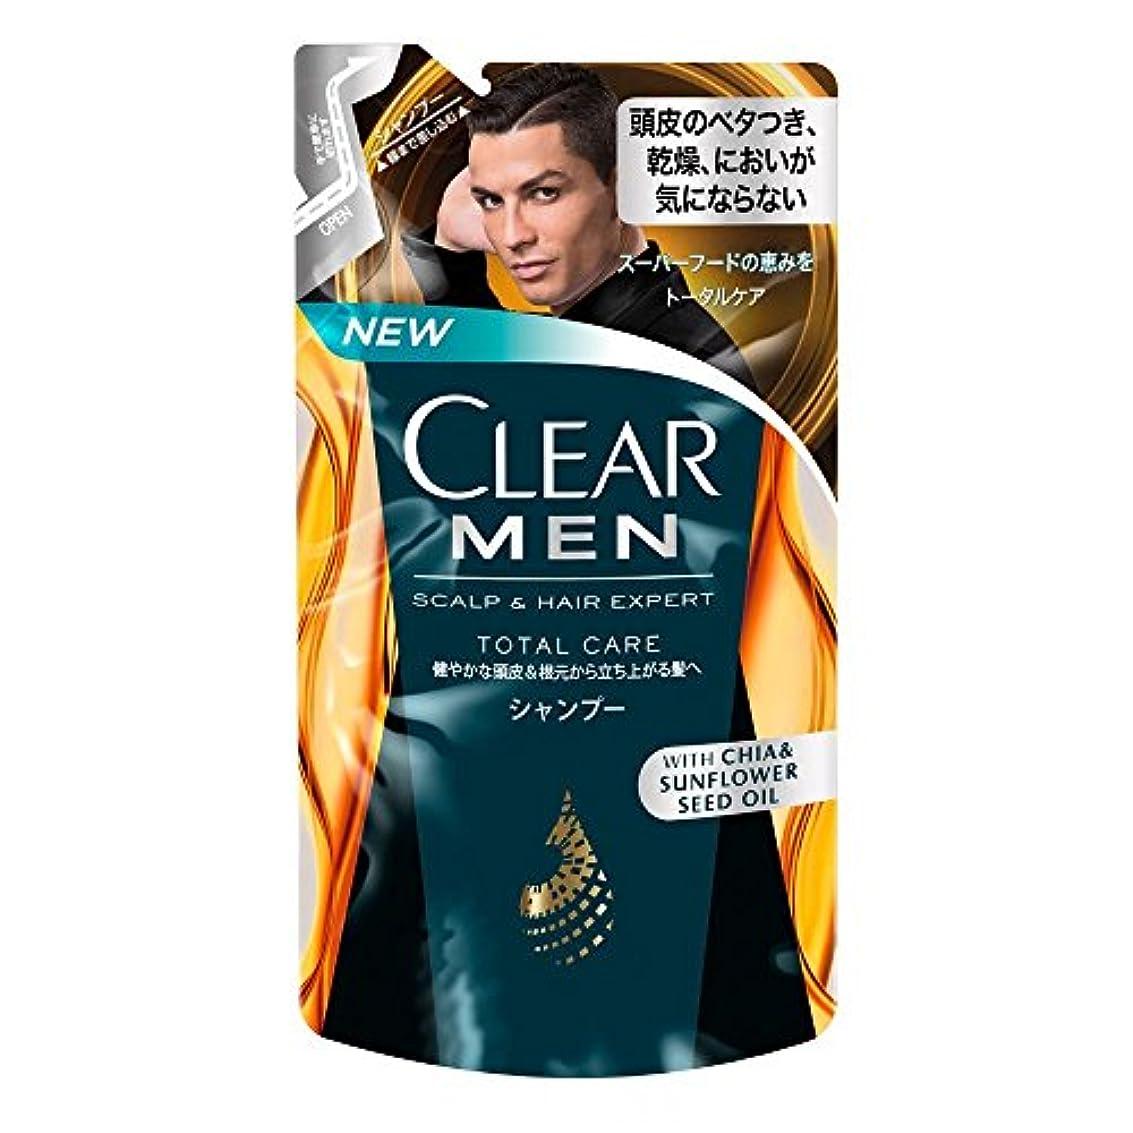 有毒な散文お風呂クリア フォーメン トータルケア 男性用シャンプー つめかえ用 (健やかな頭皮へ) 280g × 2個